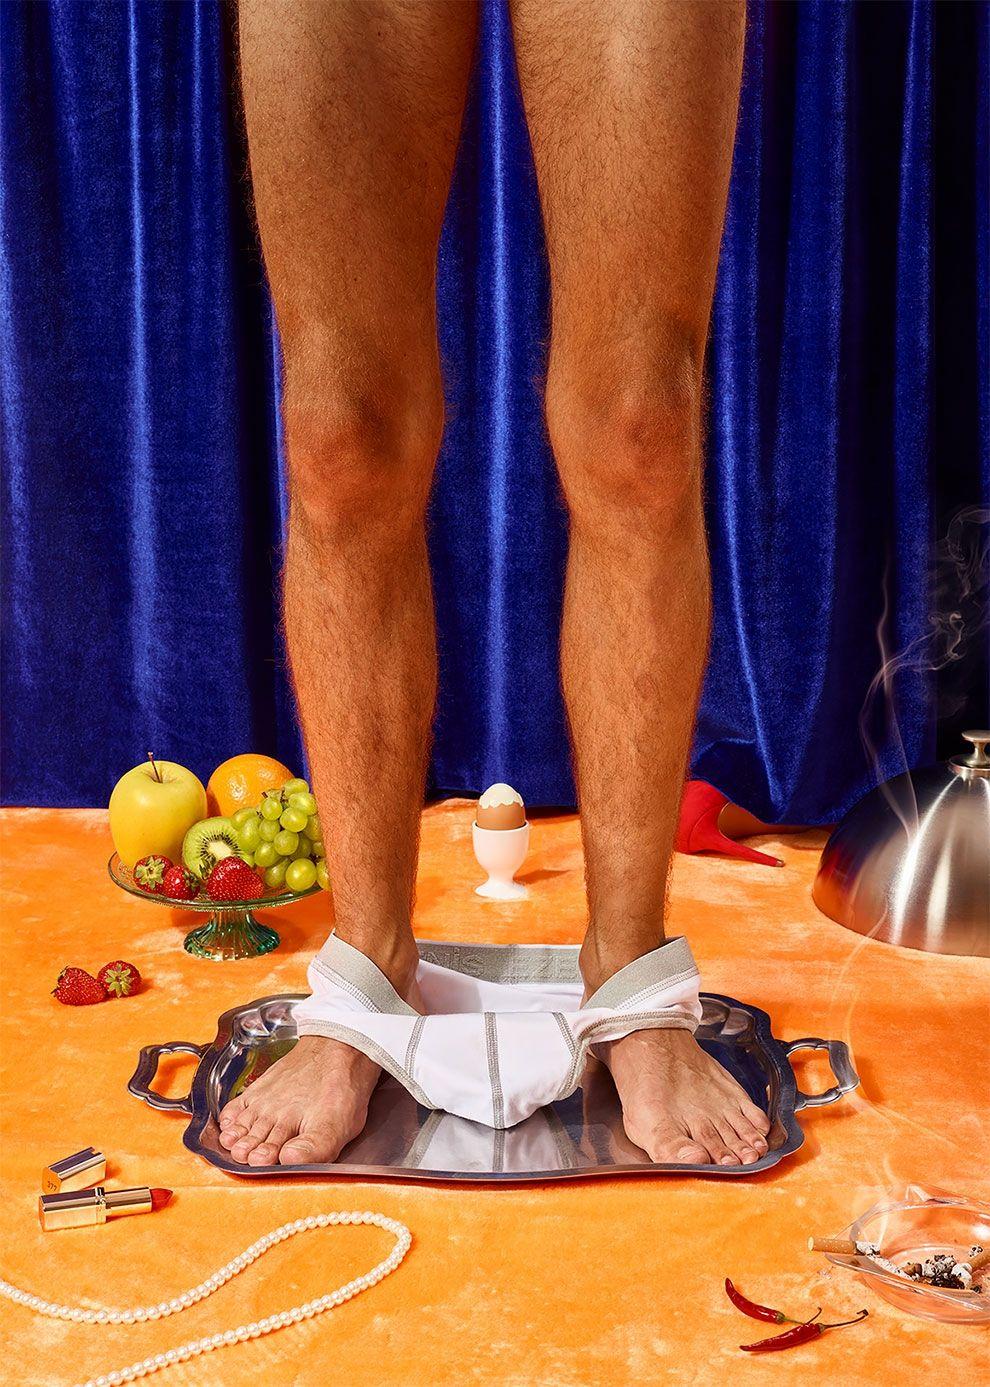 Еда на теле эротика фото, на фото что за форма груди у твоей жены